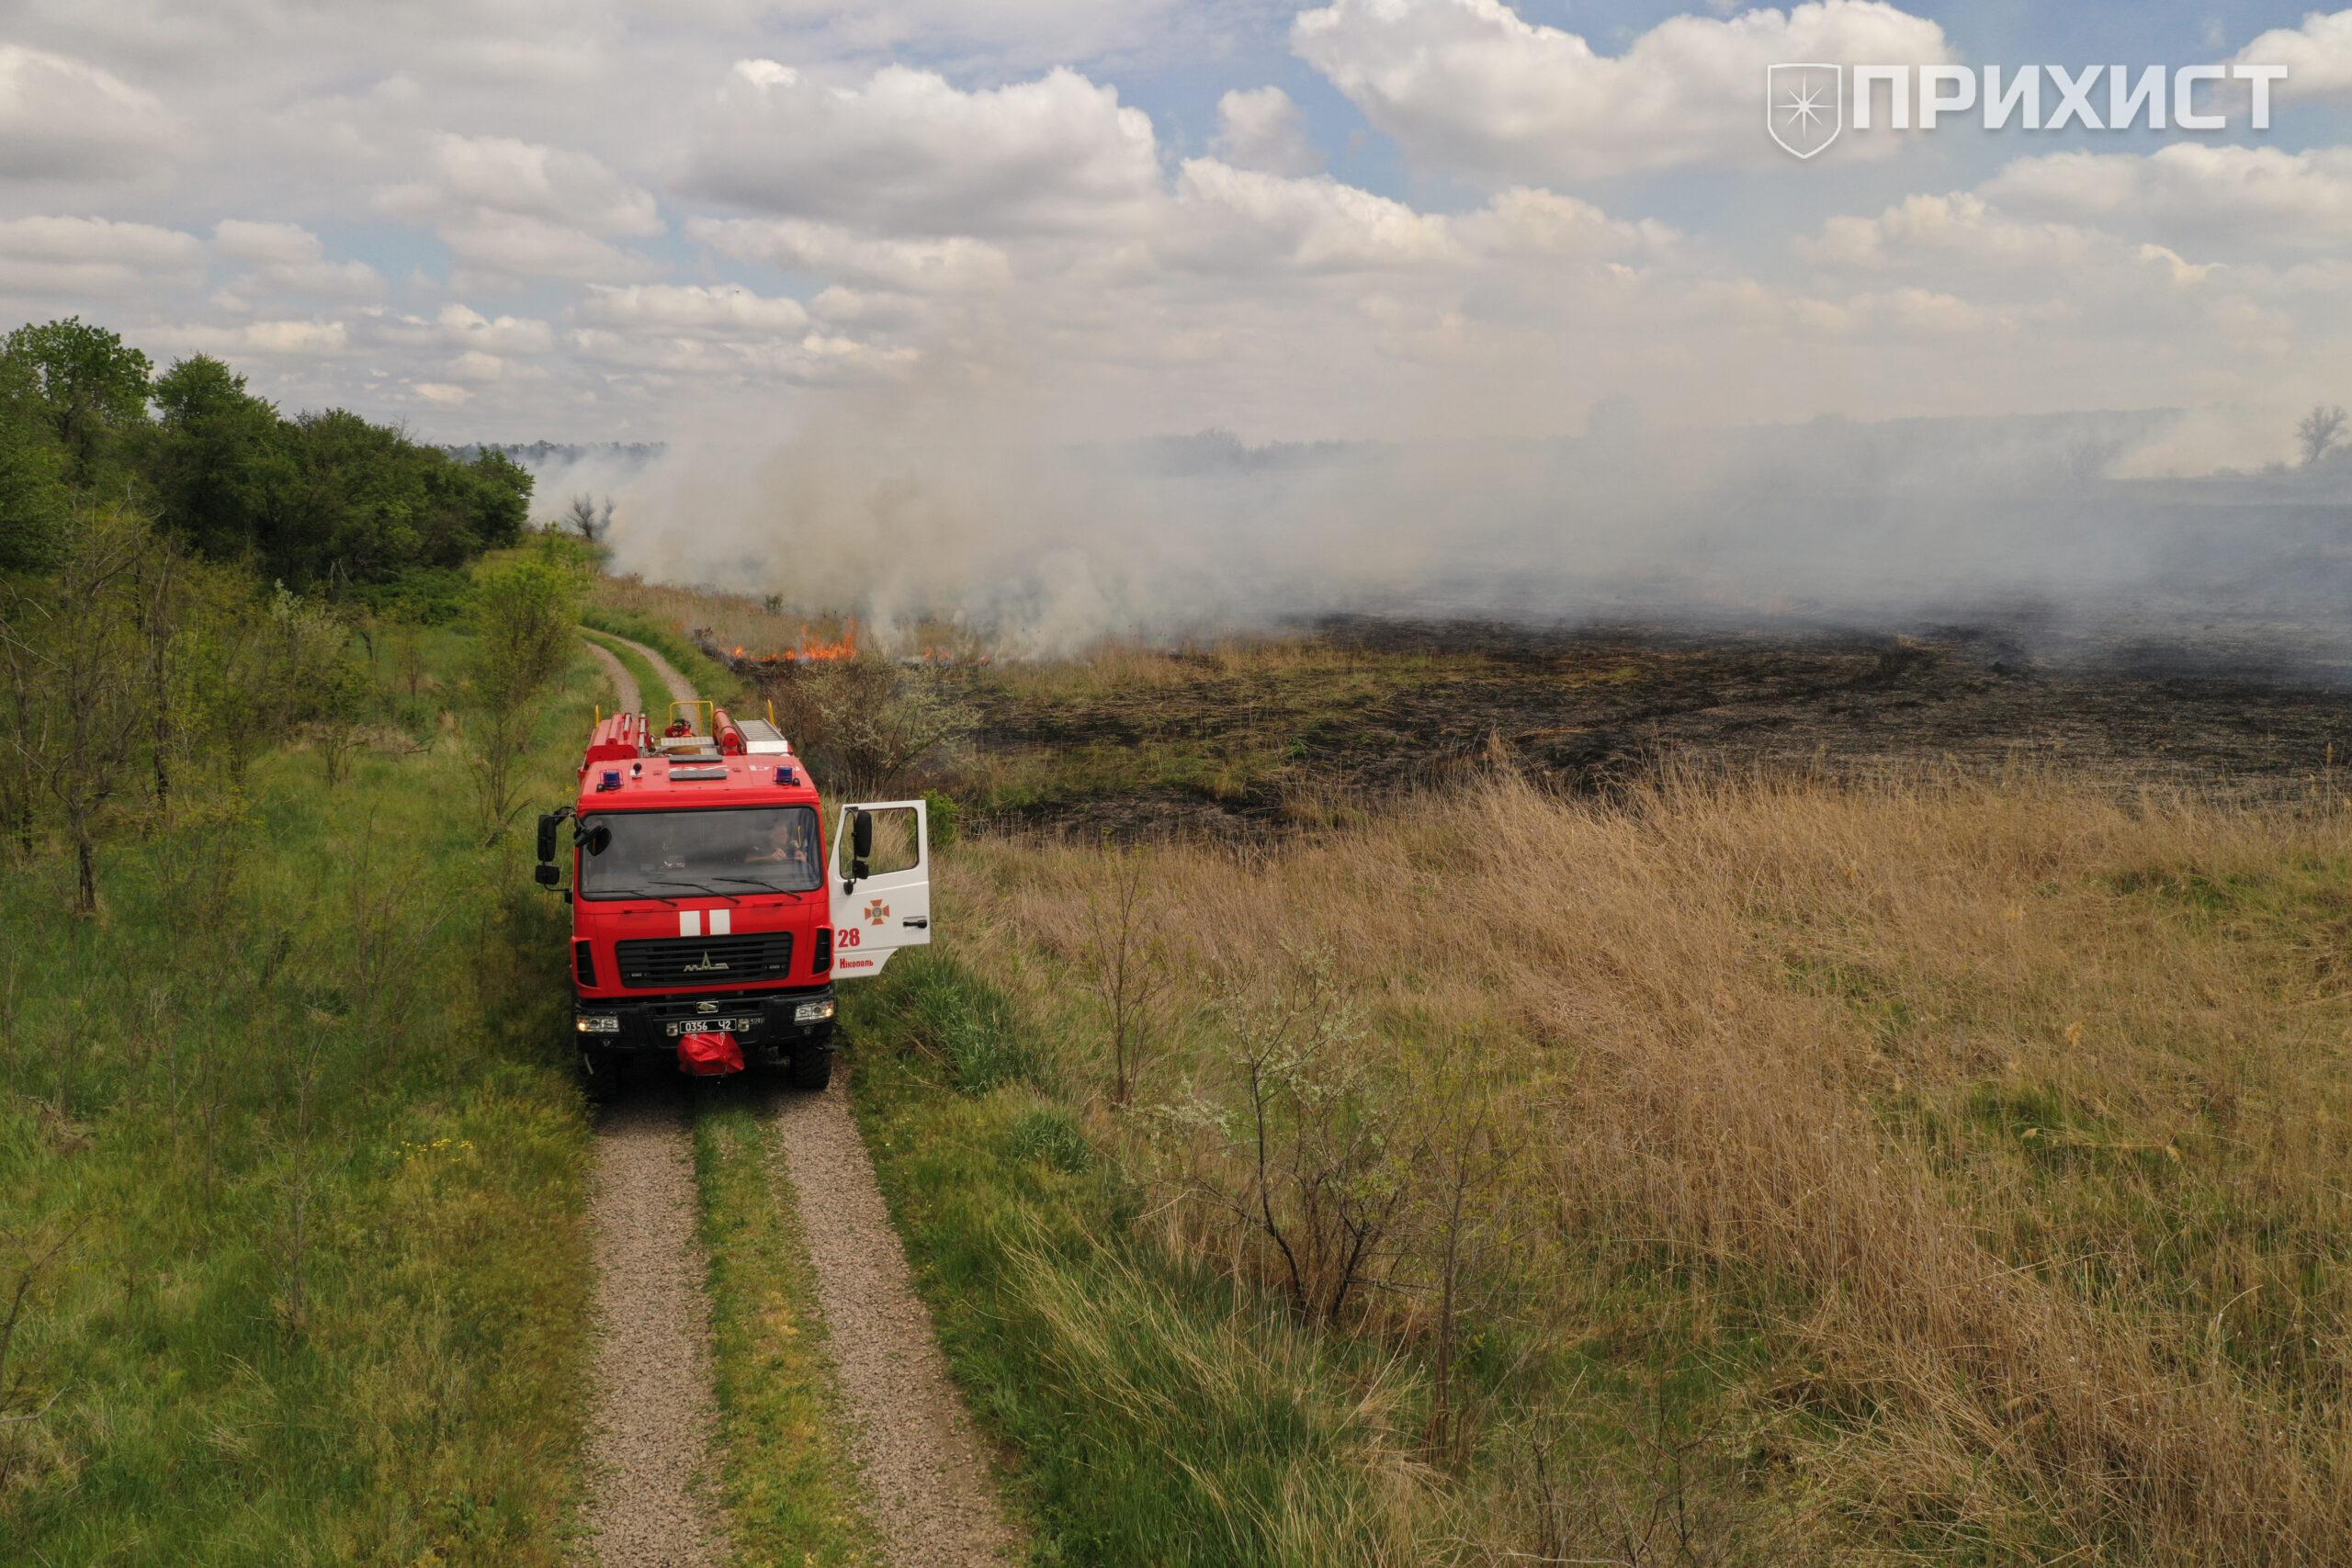 В районе Пятаковой Балки горит сухая трава   Прихист